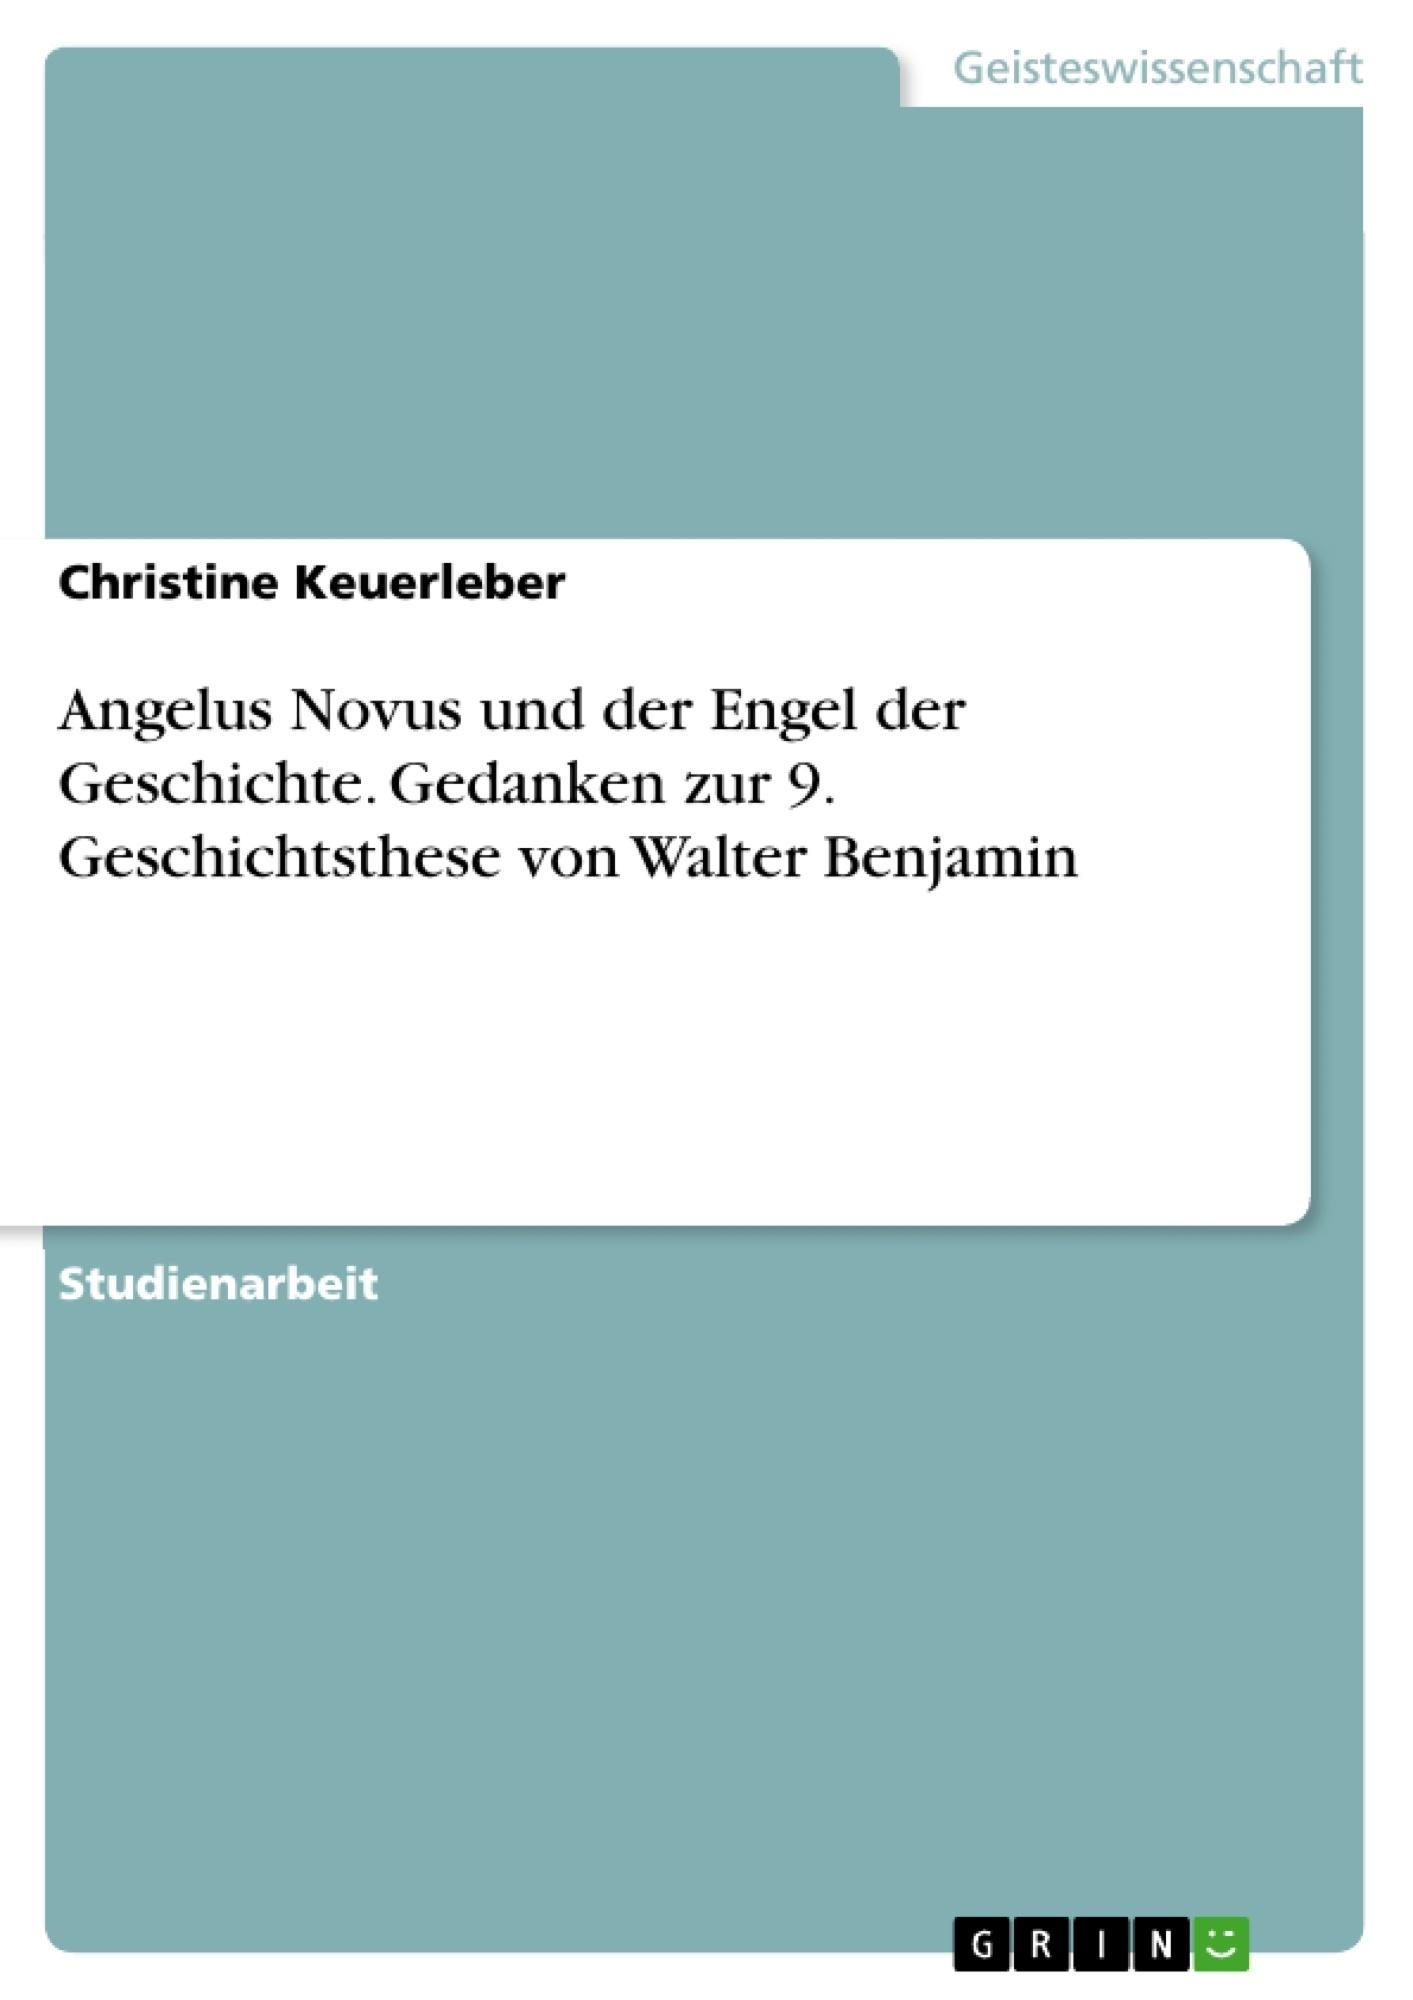 Titel: Angelus Novus und der Engel der Geschichte. Gedanken zur 9. Geschichtsthese von Walter Benjamin